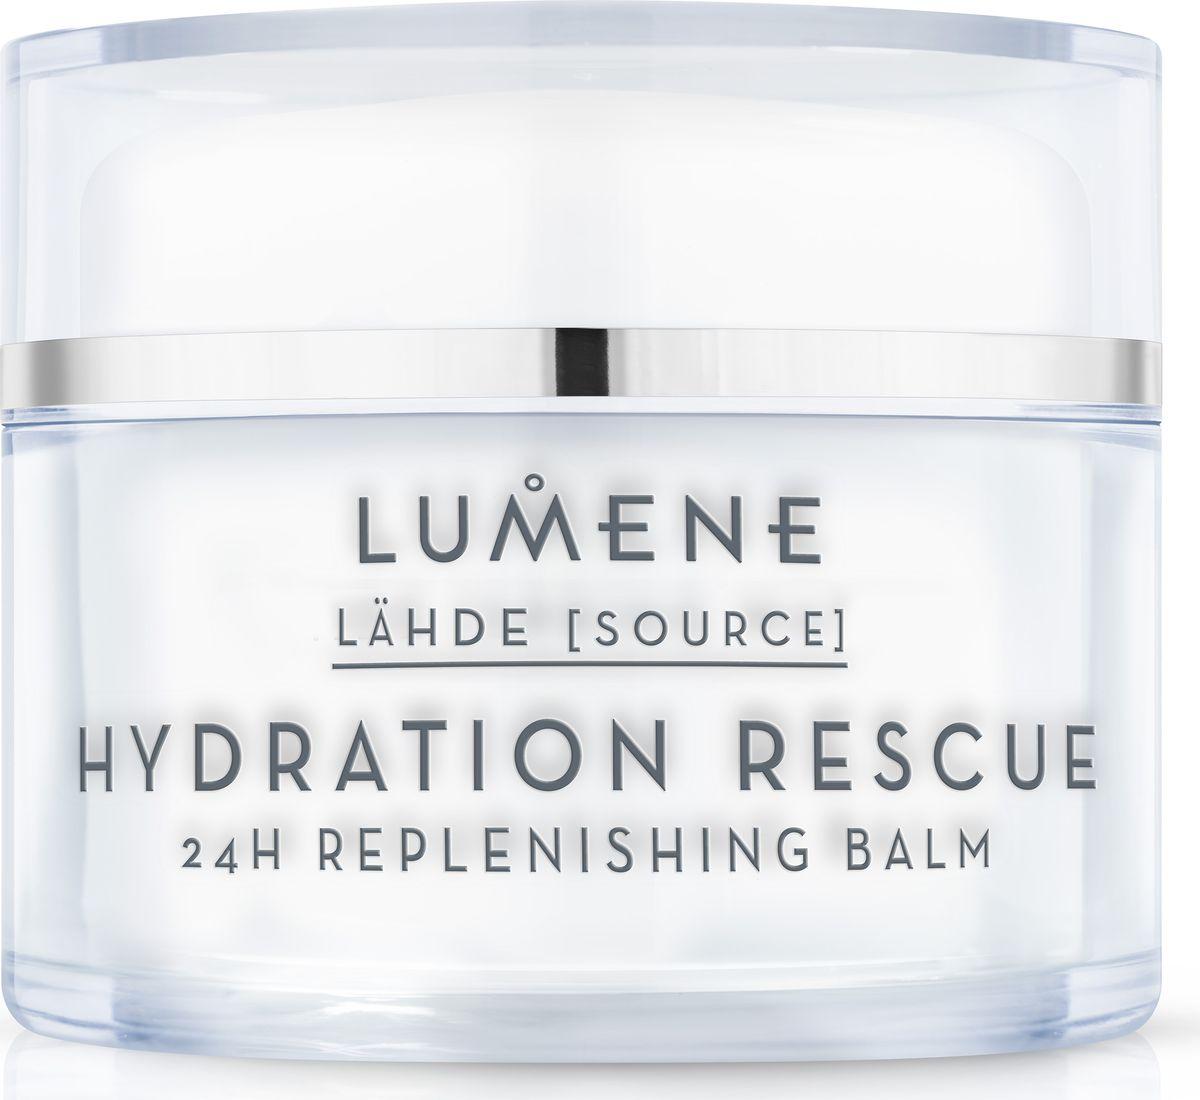 Lumene Lahde 24 часа Увлажняющий питательный бальзам, 50 млAC-2233_серыйГлубокое увлажнение и восстановление комфорта сухой кожи. Наполняет кожу влагой, смягчая и восстанавливая естественное сияние.